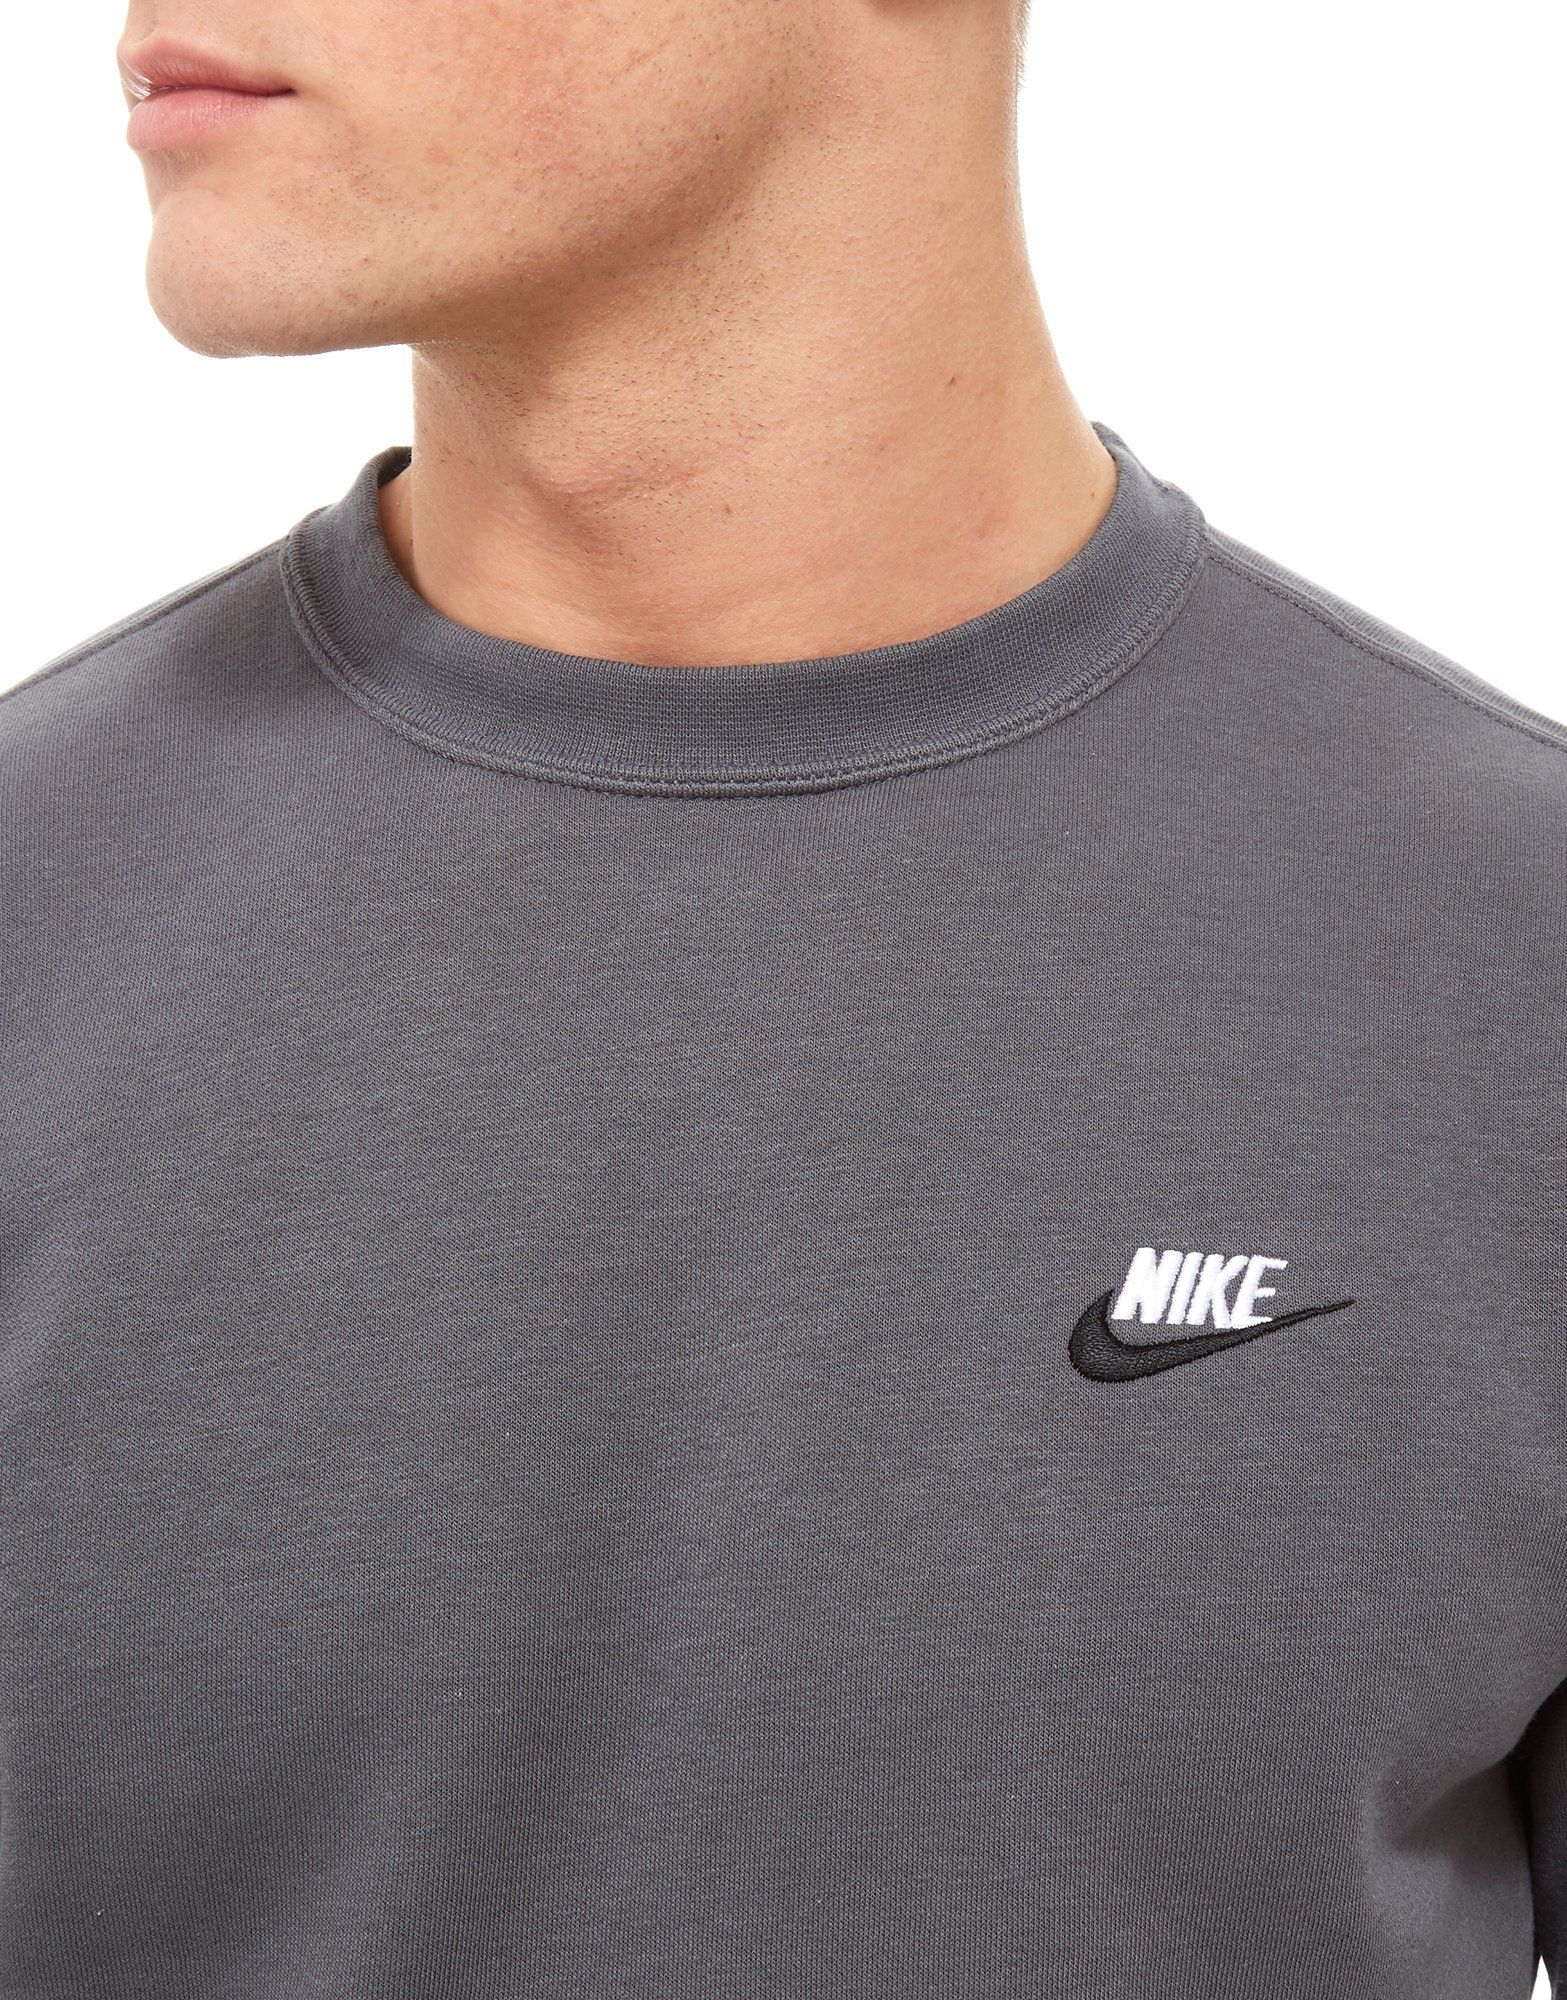 Nike Foundation Crew Sweatshirt Grau Günstig Kaufen Bestseller Verkauf Für Billig Empfehlen Online Freies Verschiffen Große Auswahl An 0StvqbhS1A